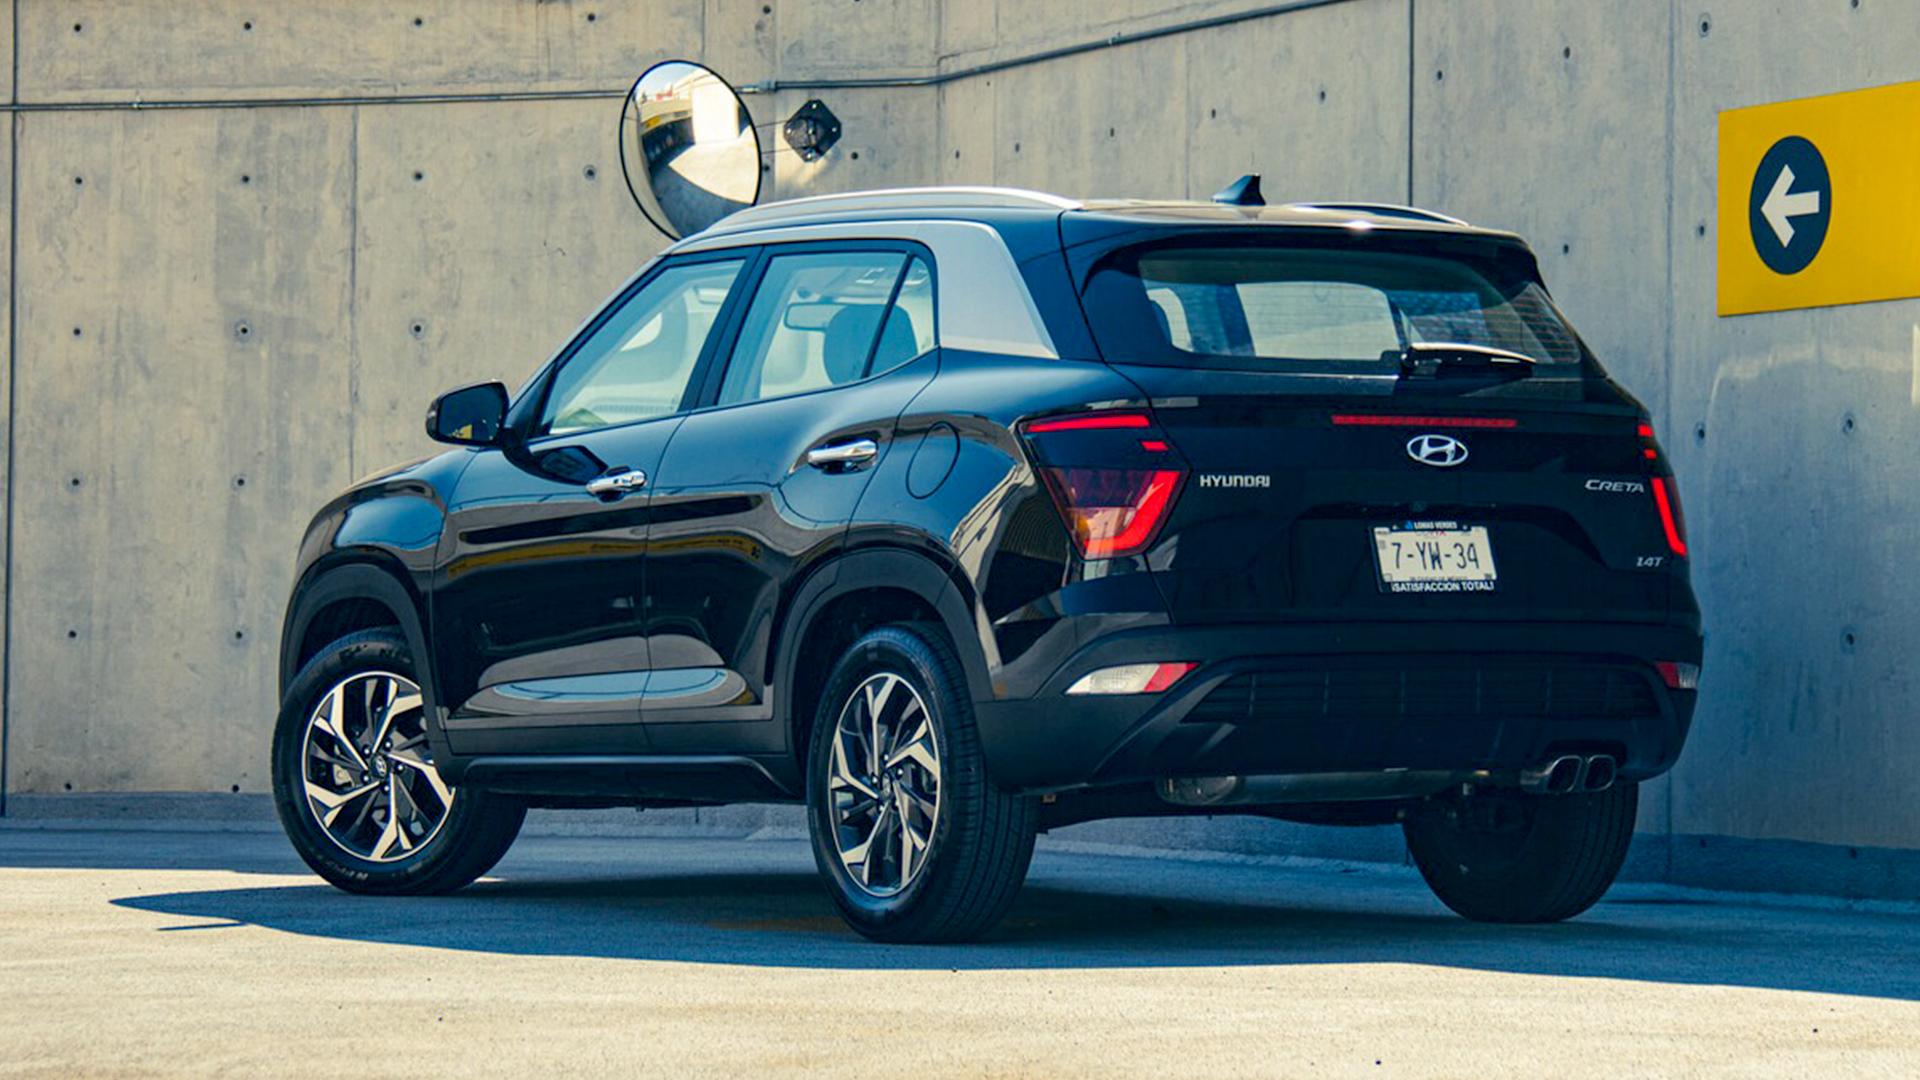 Nova geração do Hyundai Creta pode receber o mesmo motor que equipa a linha HB20